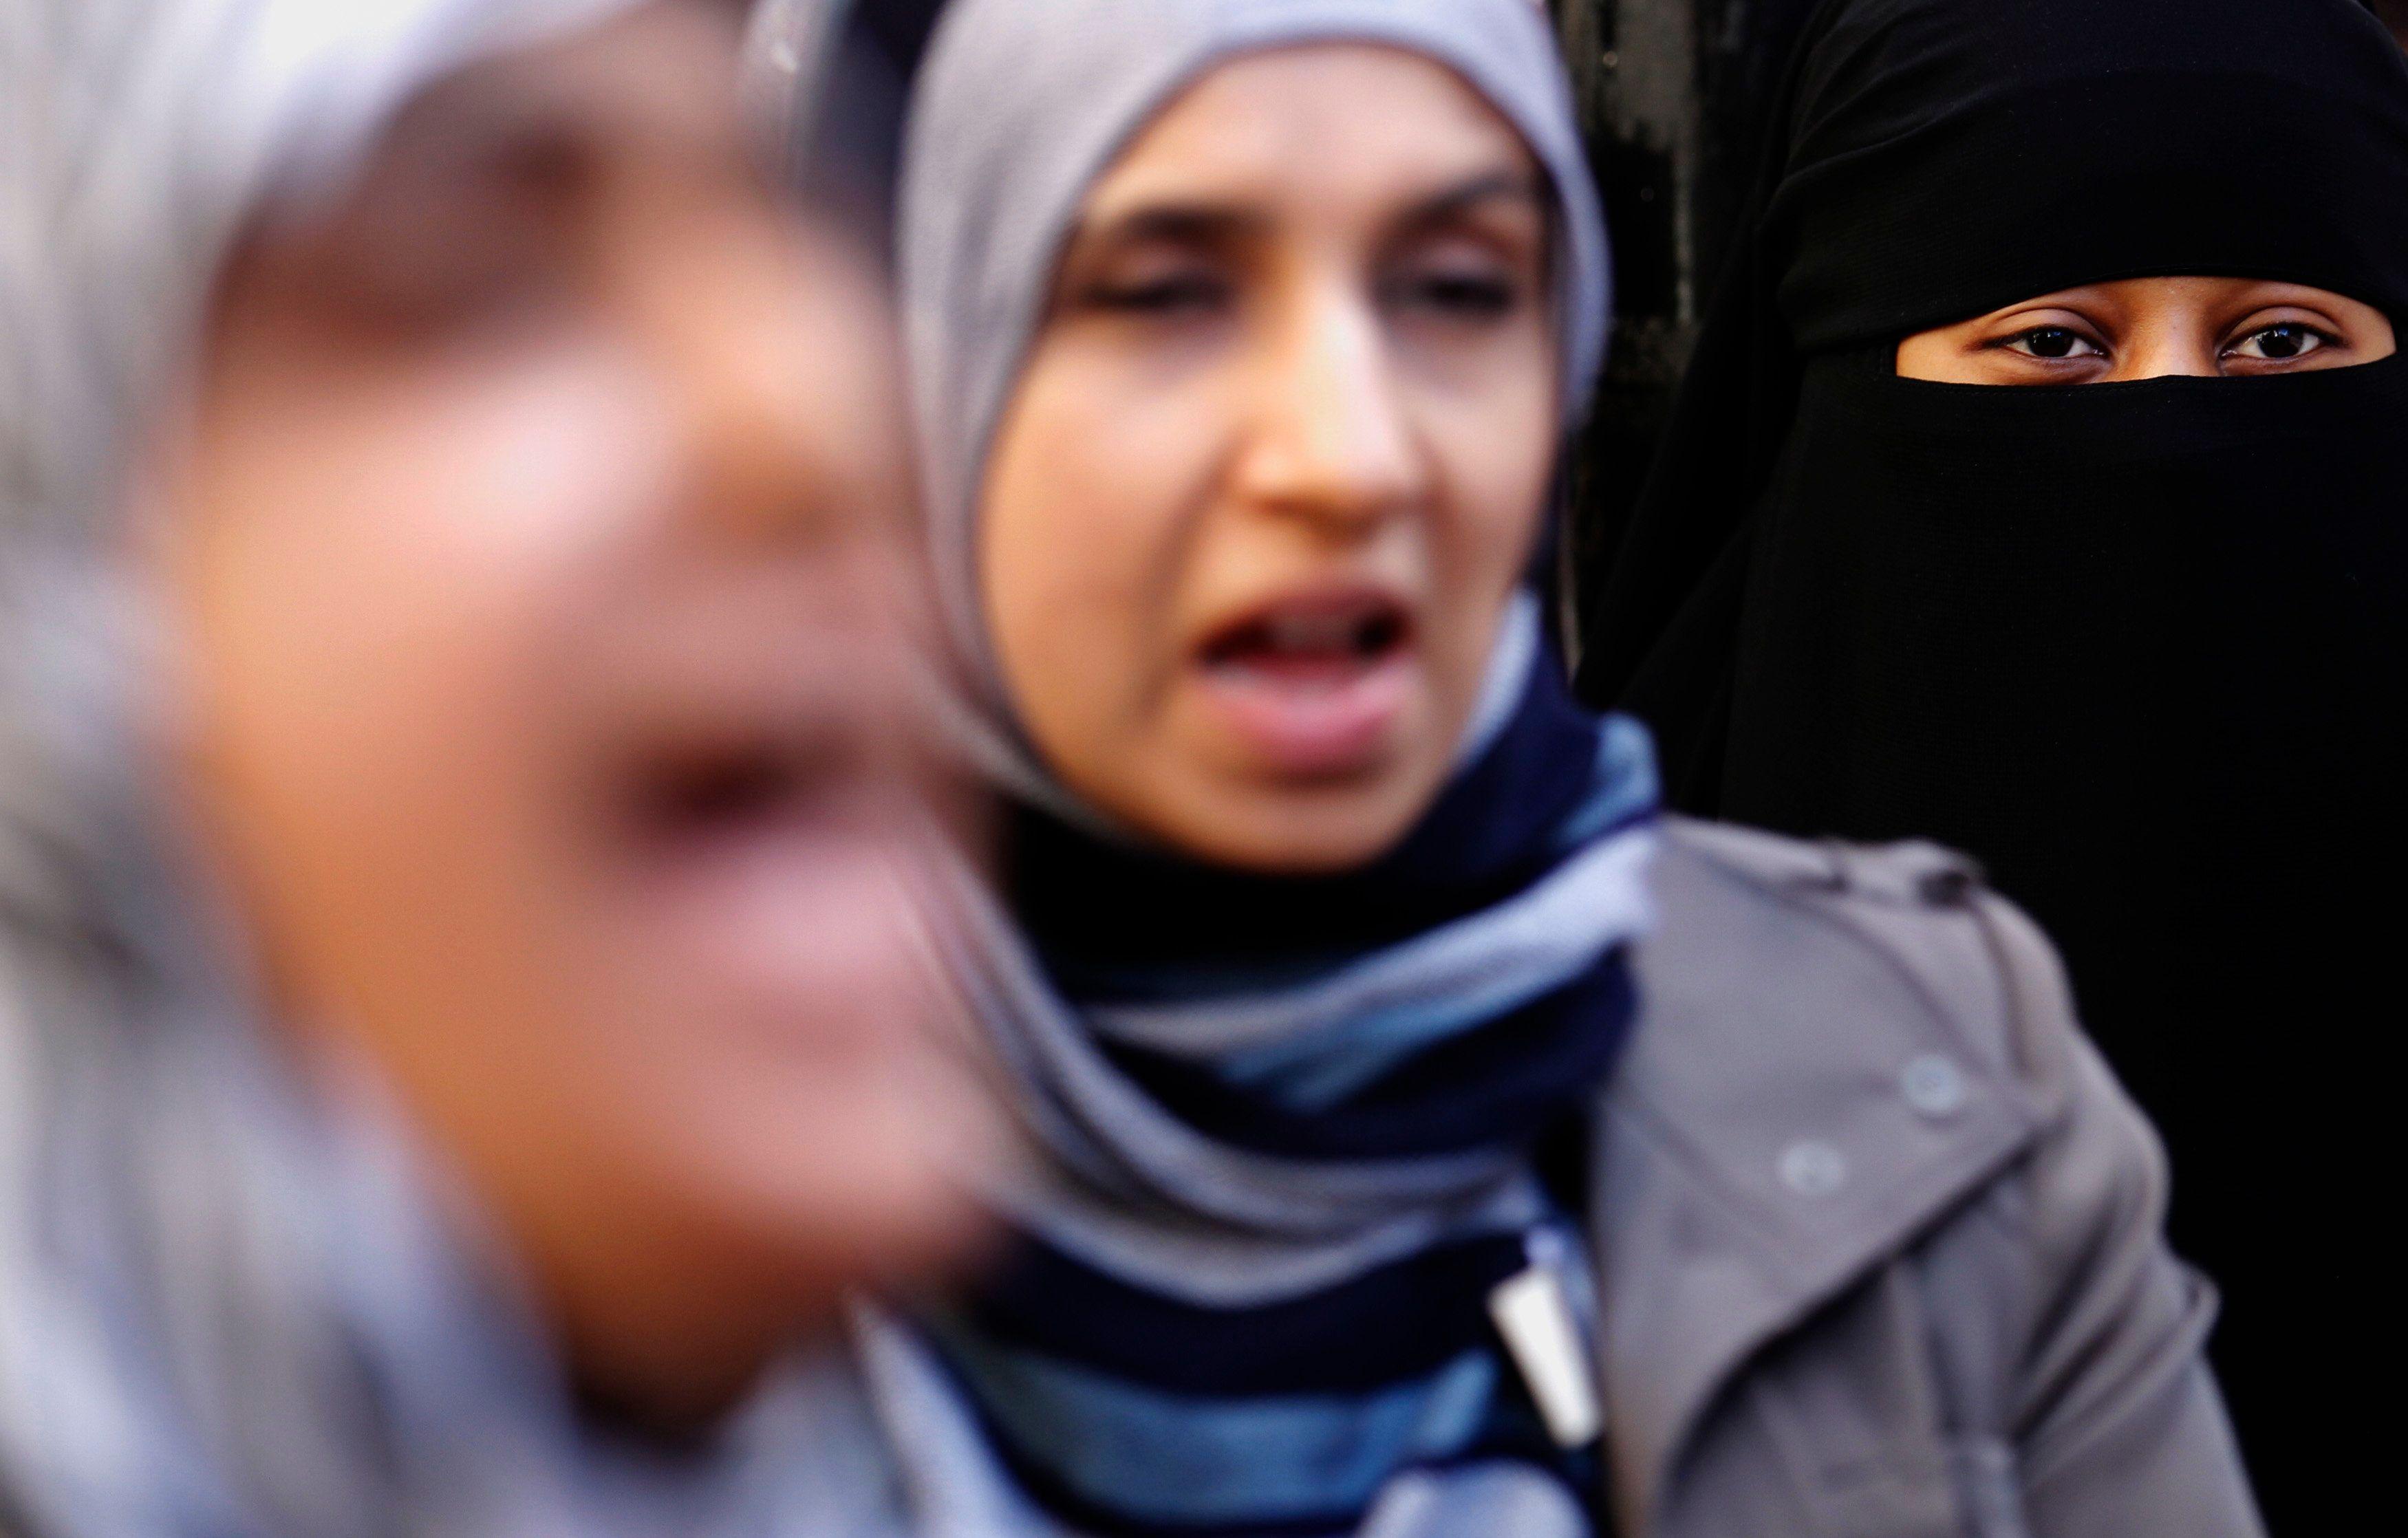 Voile et sorties scolaires : la France doit accorder aux musulmans ce qu'elle a accordé aux juifs.